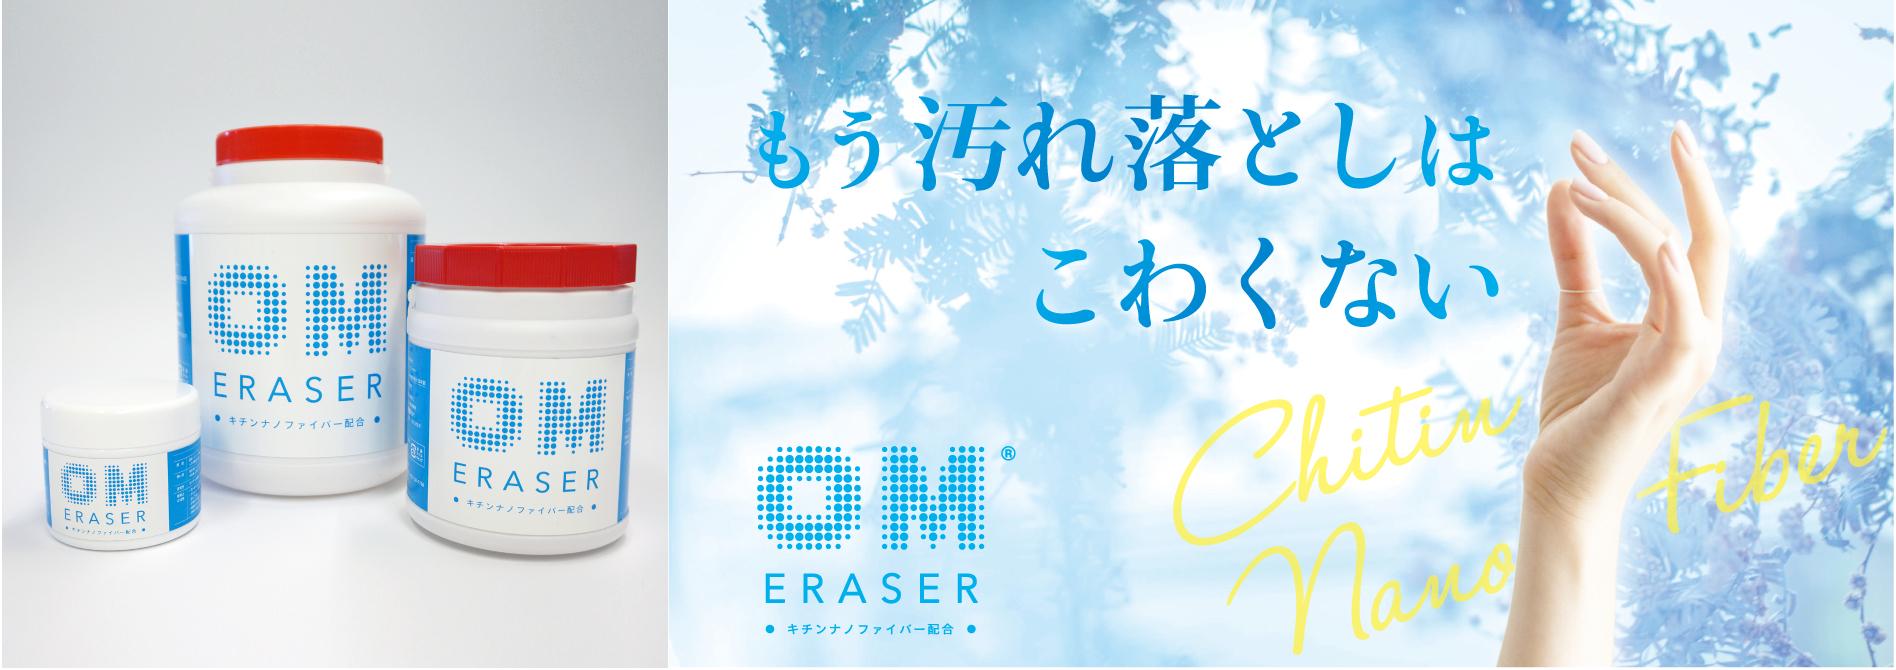 汚れ落としクリーナー「OMイレイザー」新発売!